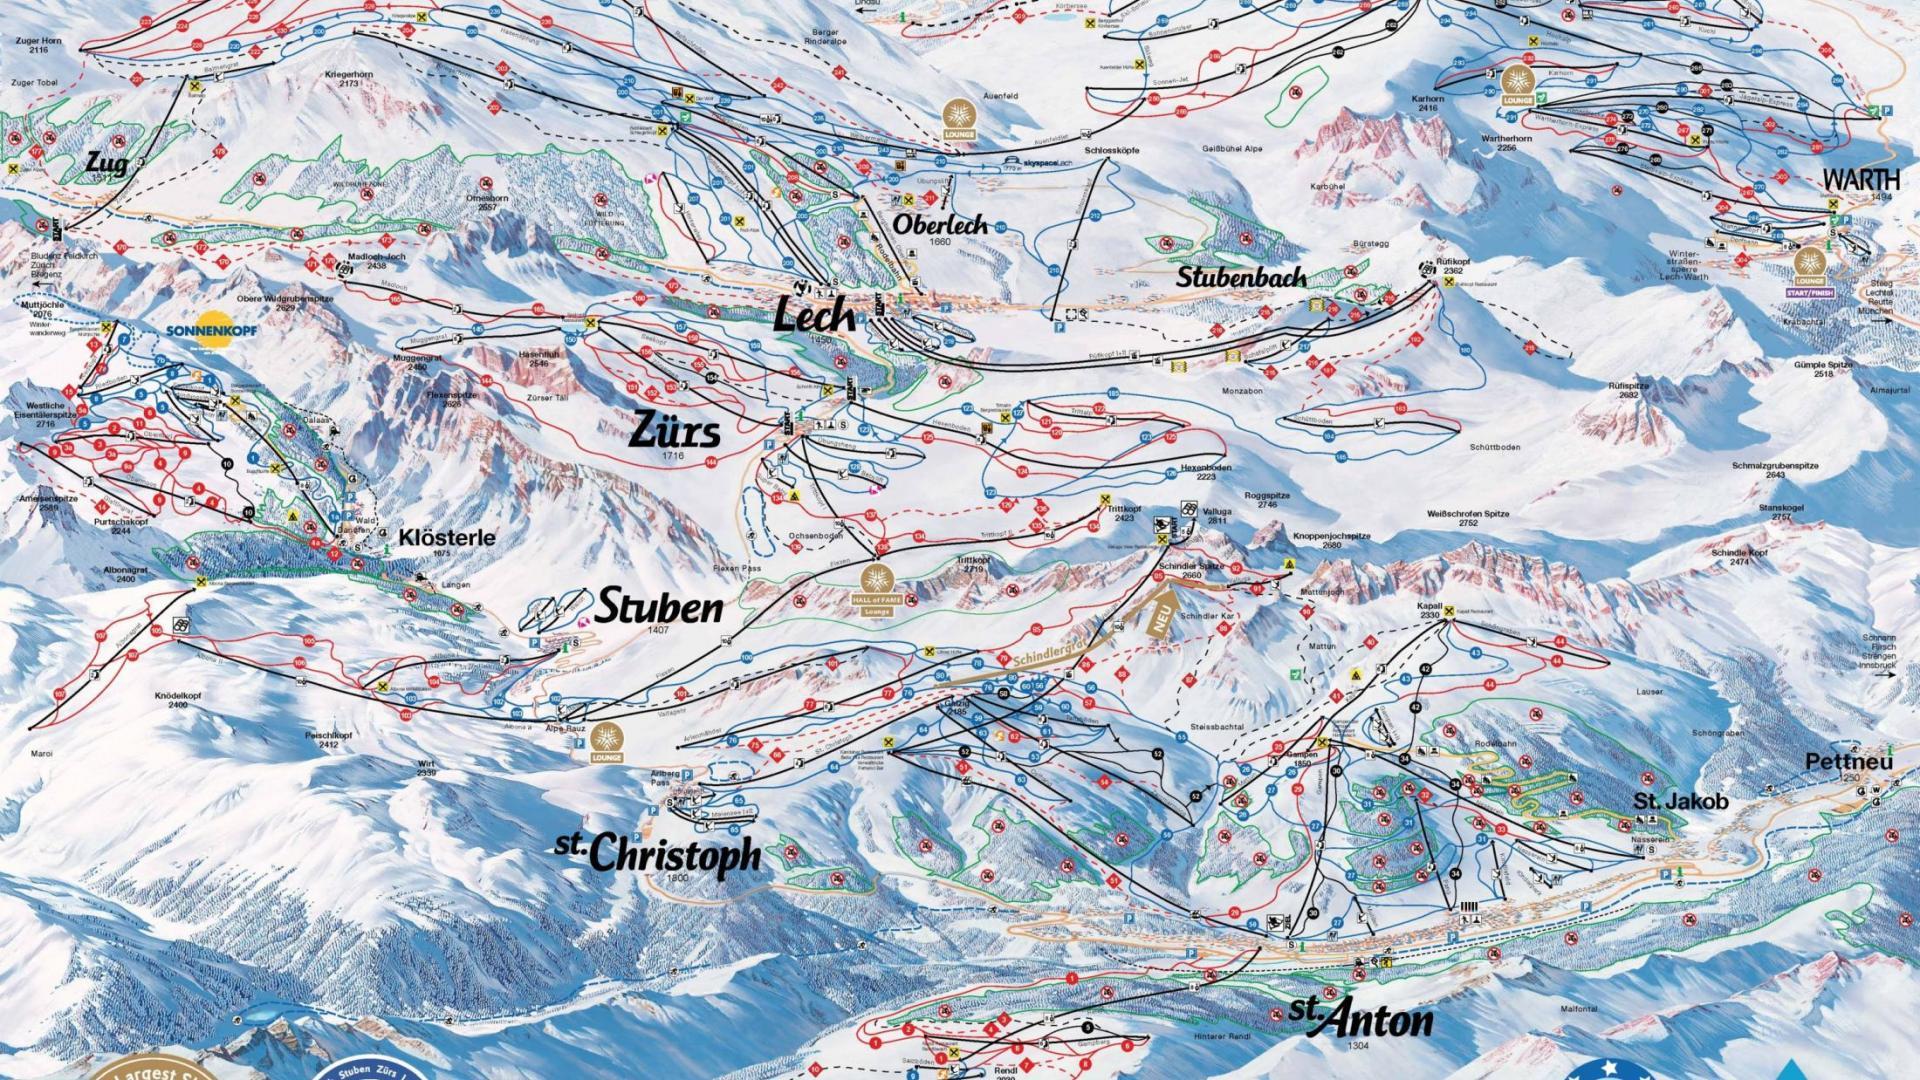 St Anton & Lech Piste map, Alberg ski region piste map